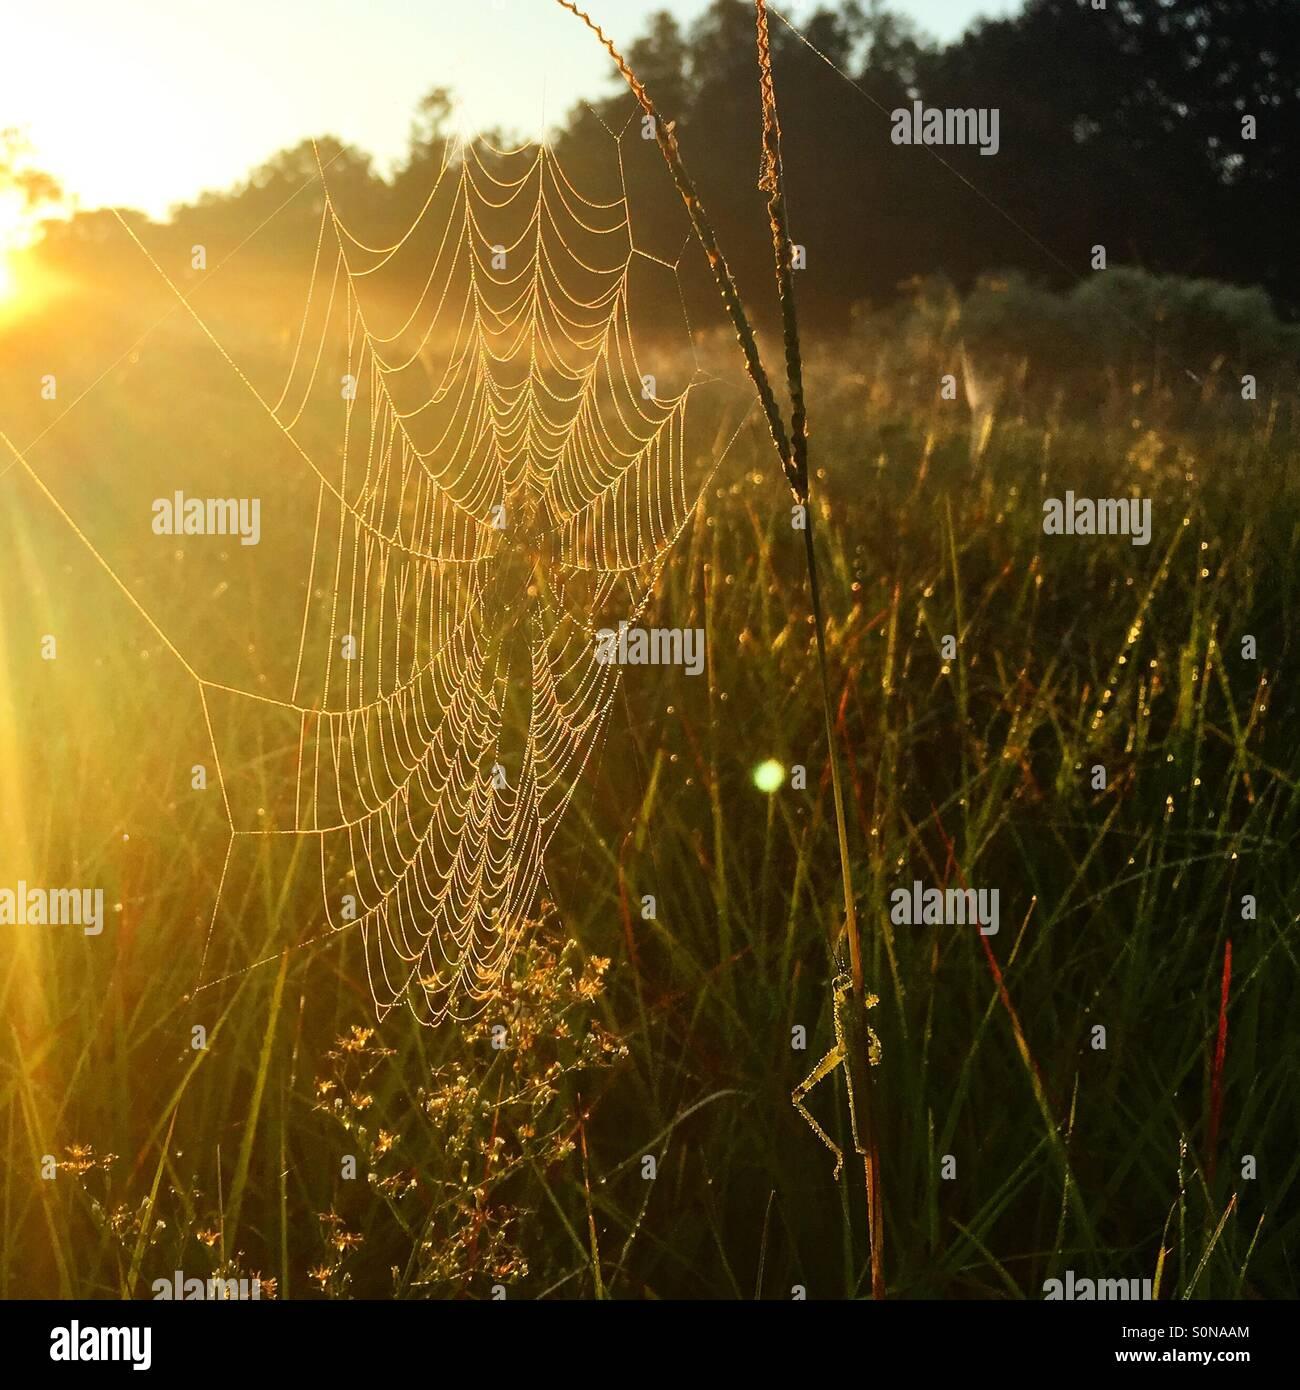 La mattina presto sole che splende su una coperta di rugiada spiderweb. Immagini Stock